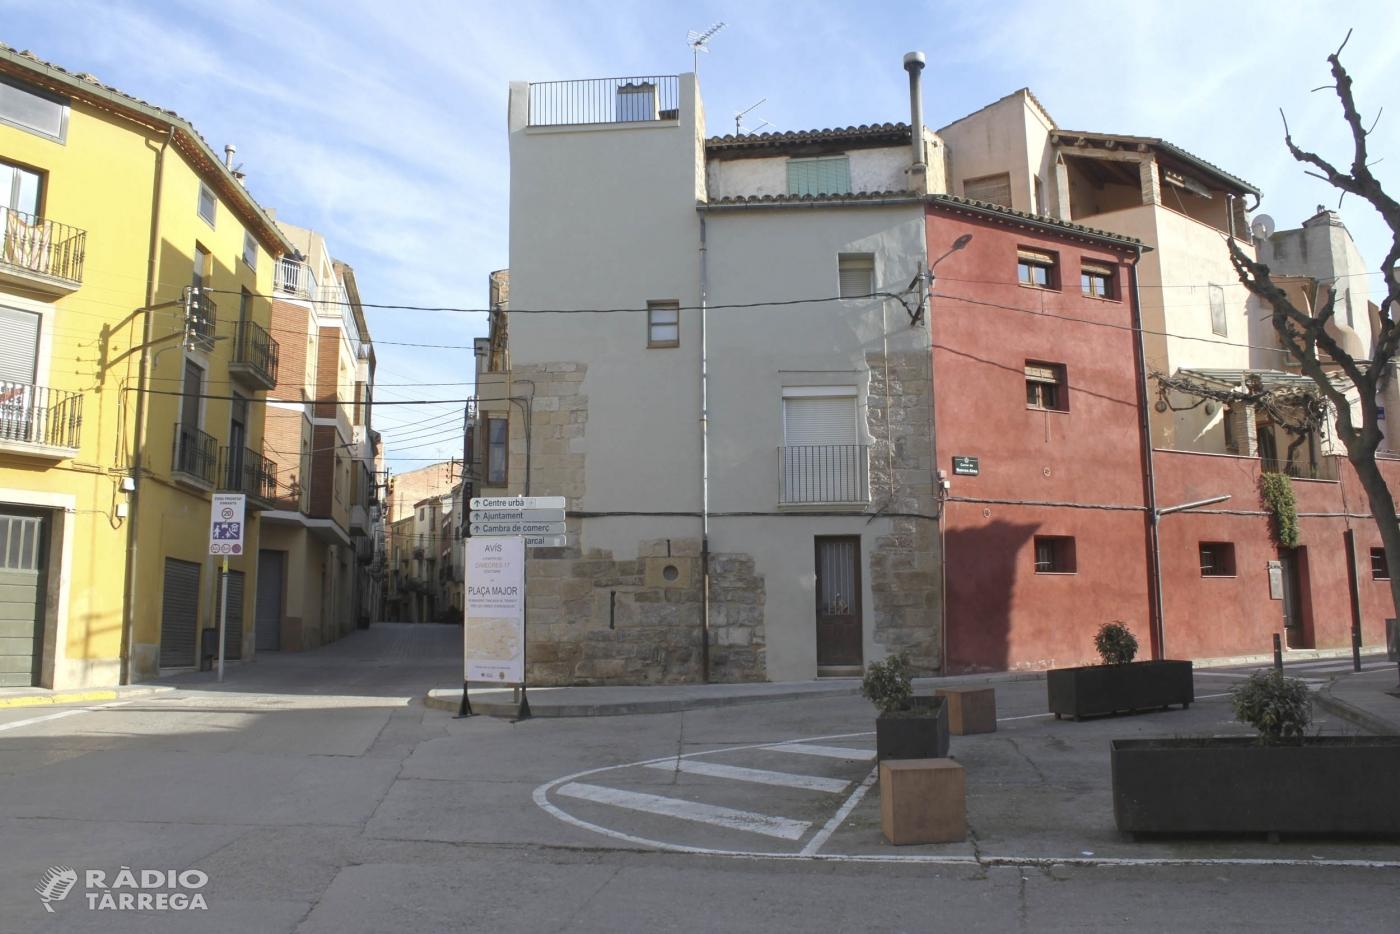 L'Ajuntament de Tàrrega aprova el projecte de renovació de la plaça d'Urgell, un dels principals accessos al centre històric